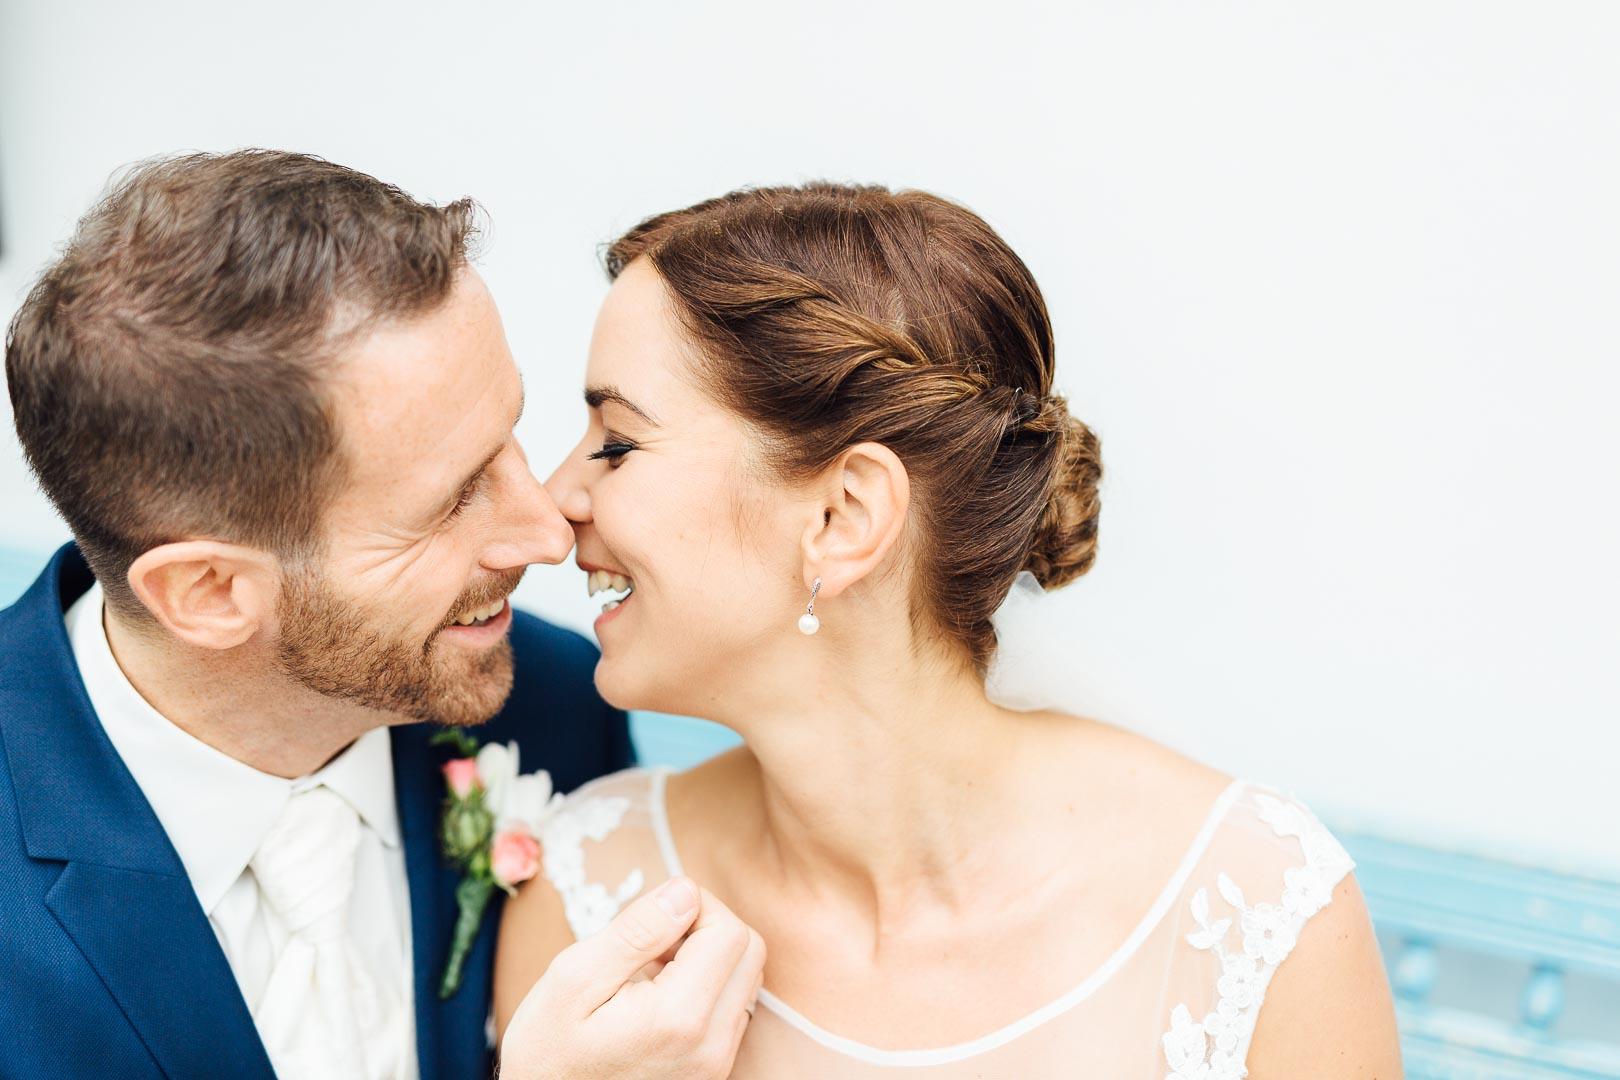 Ein lachendes Brautpaar, das sich zugewandt sitzt